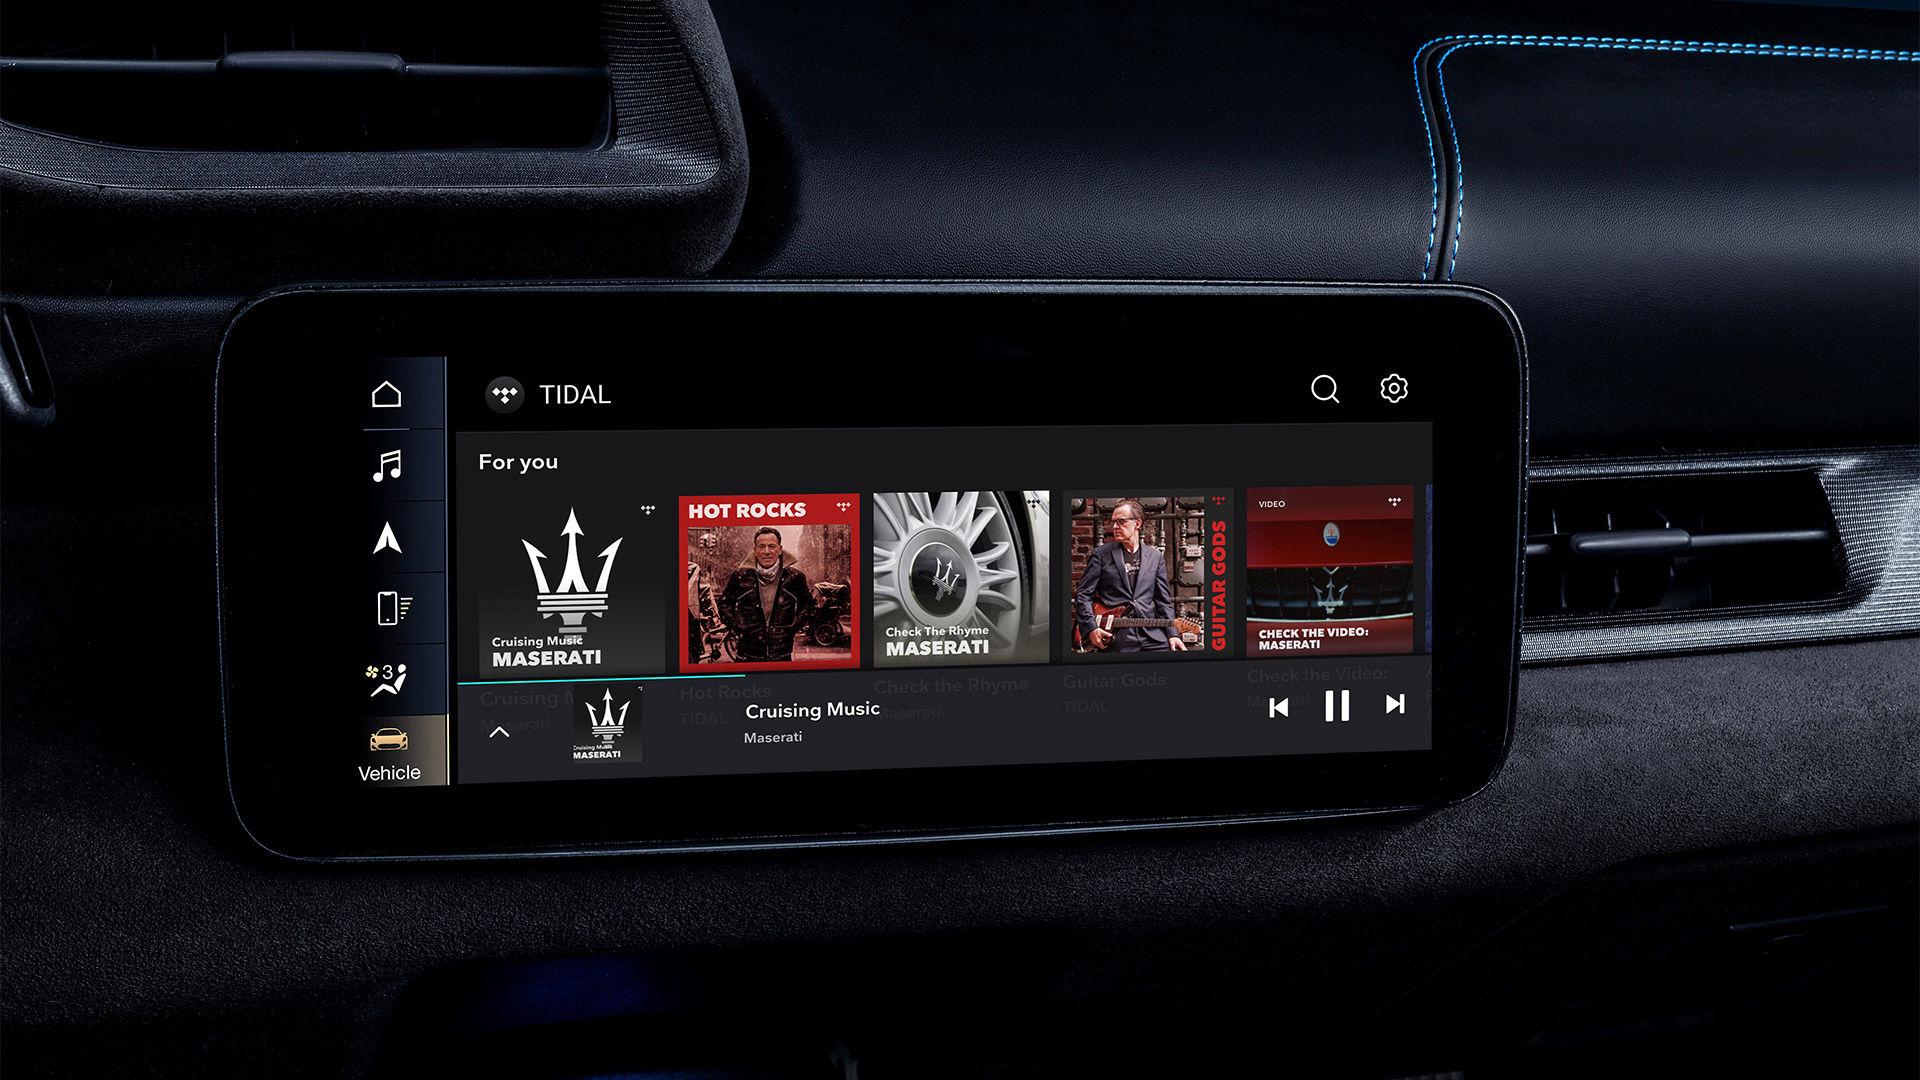 Partnerschaft Maserati und TIDAL: Infotainment für Maserati-Fahrer